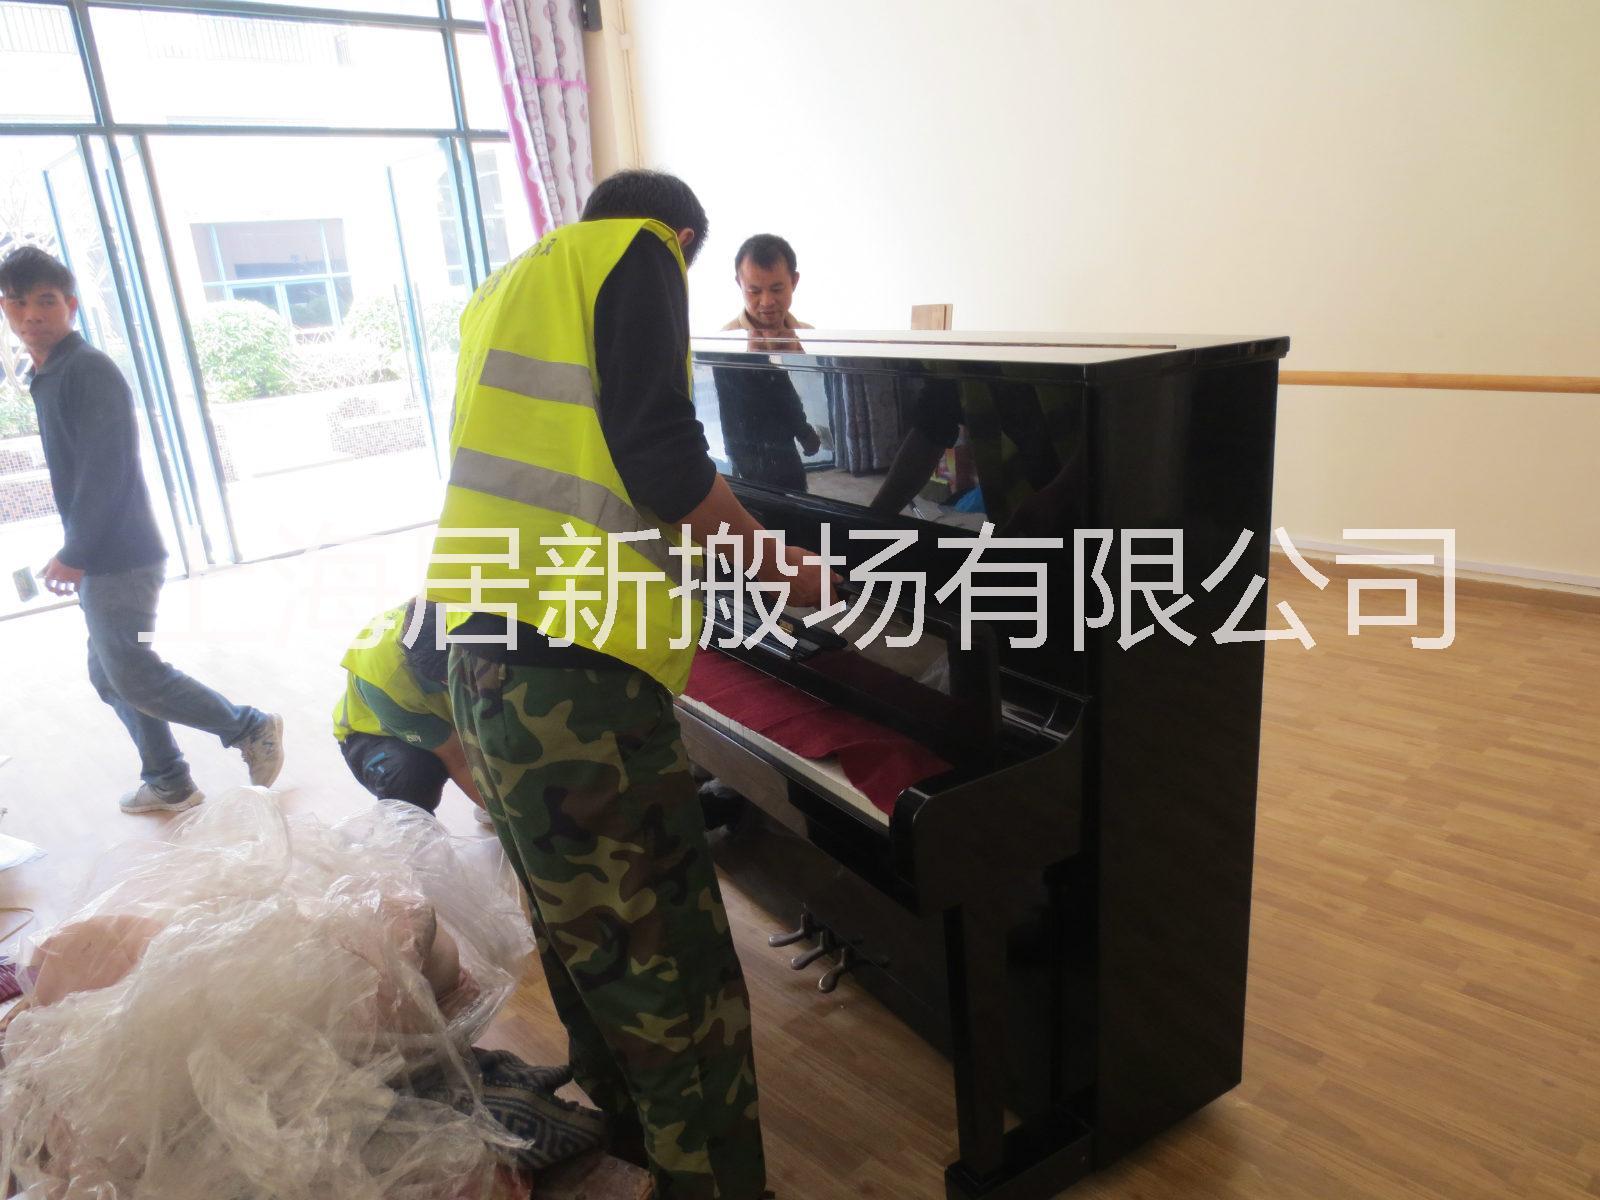 上海钢琴搬运价格/钢琴搬运多少钱